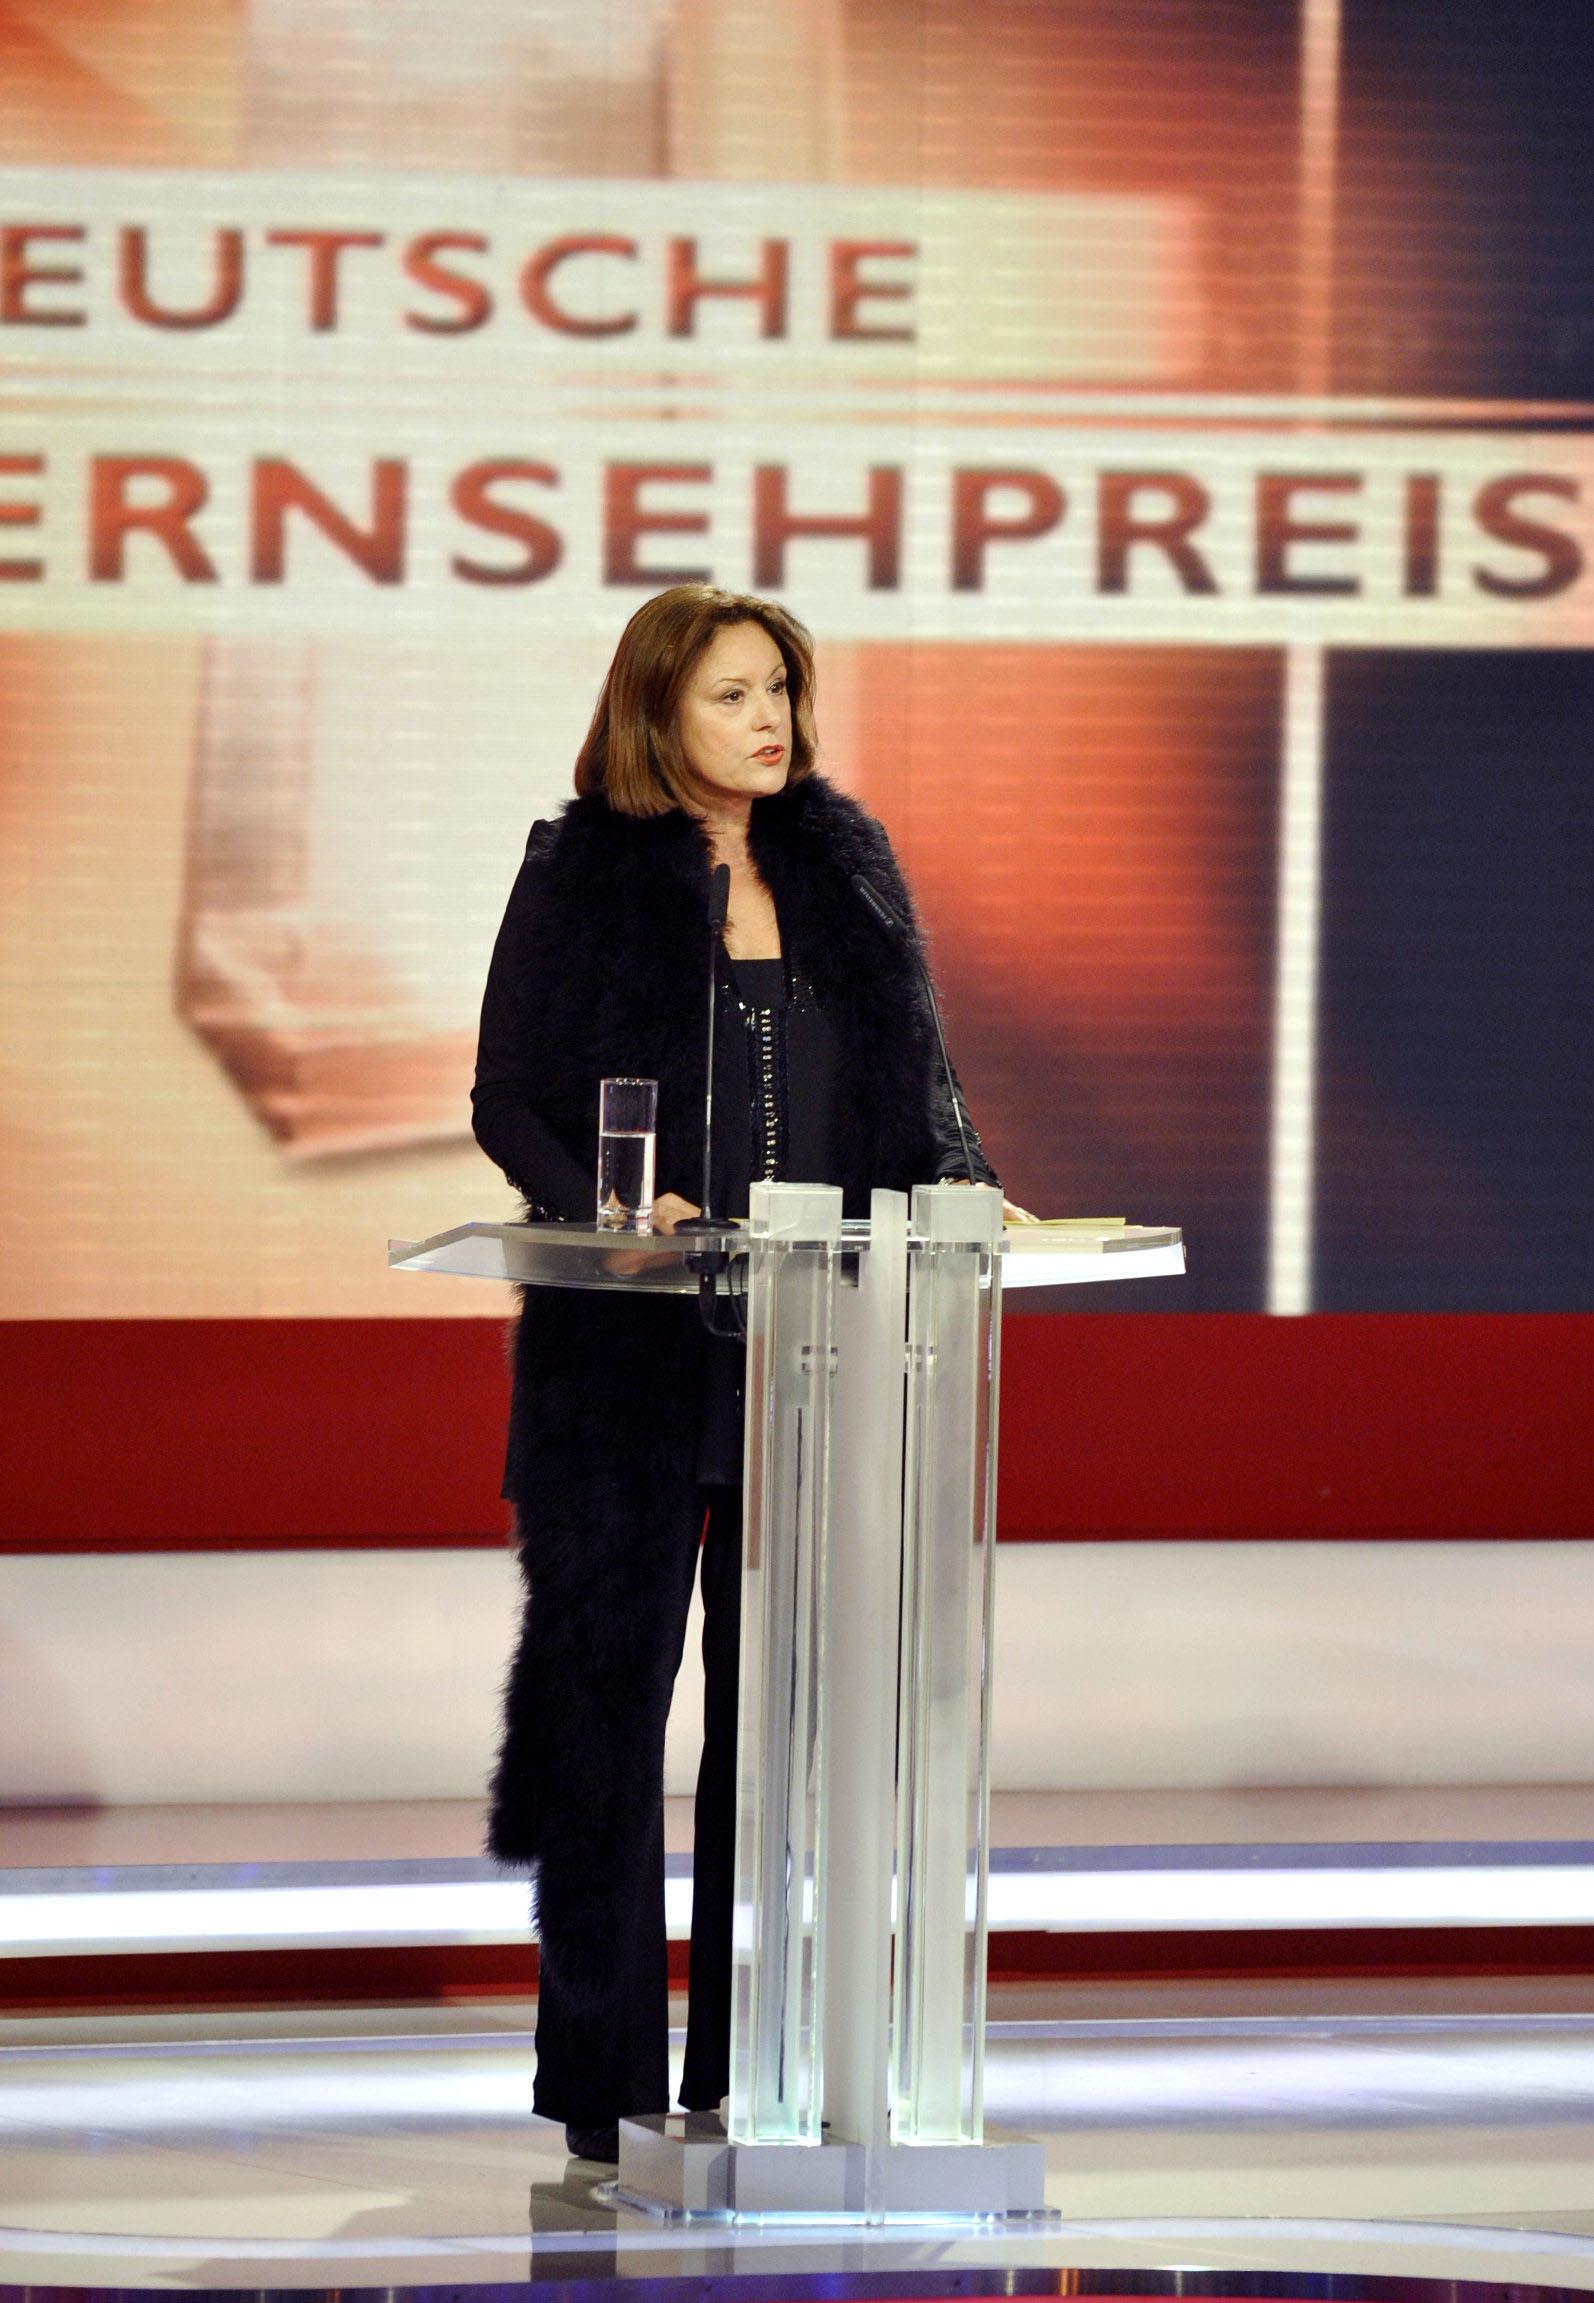 Monika Piel, WDR Intendantin und Vorsitzende der Stifter, bei der Begrüßung